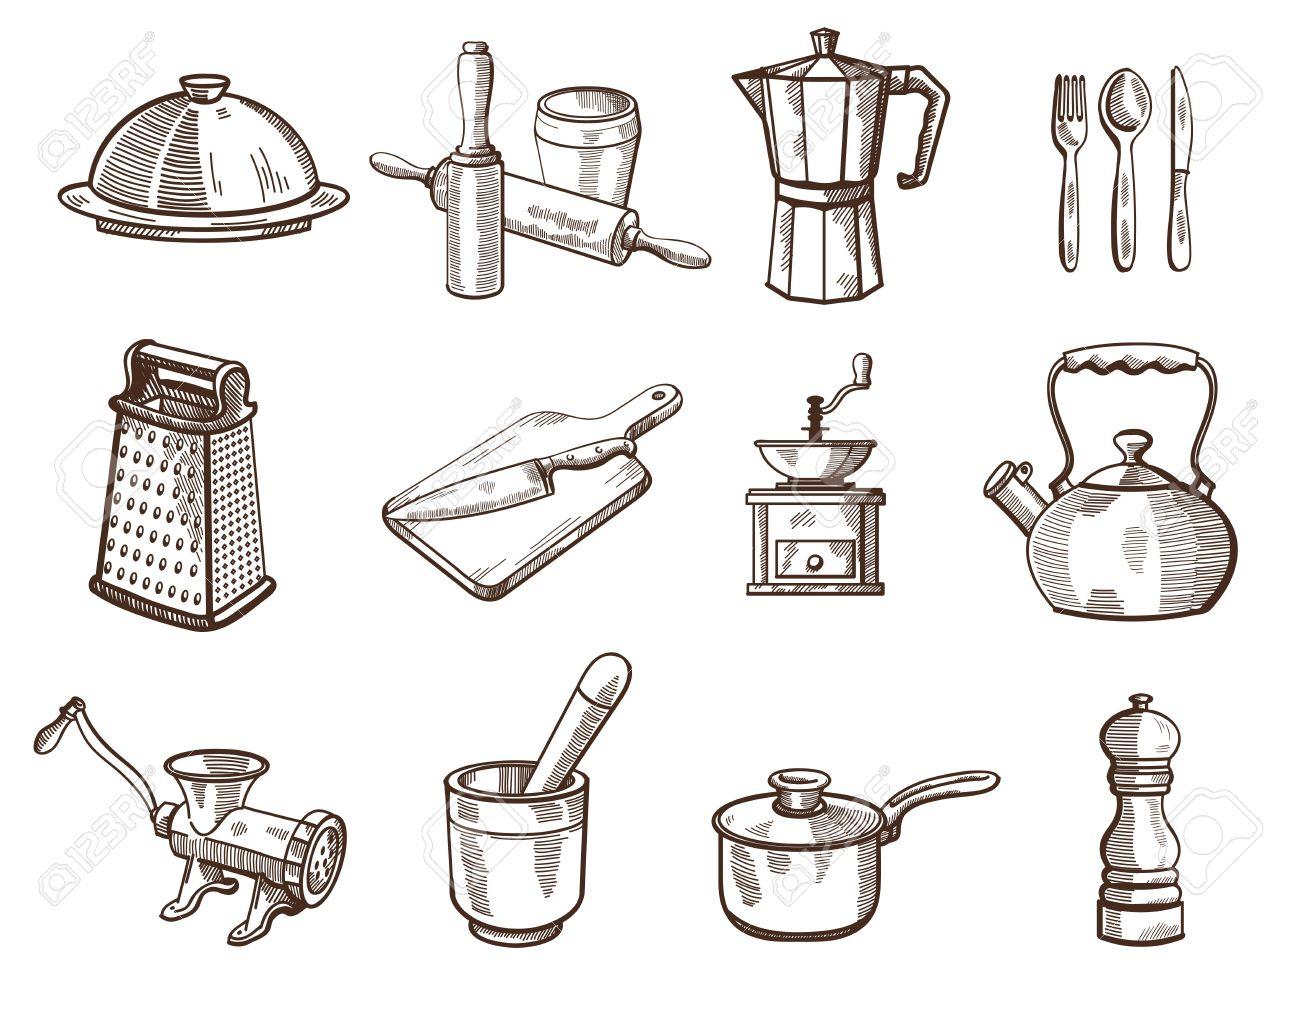 Disegni Da Colorare Cucina. Disegni Da Colorare Cucina With Disegni ...